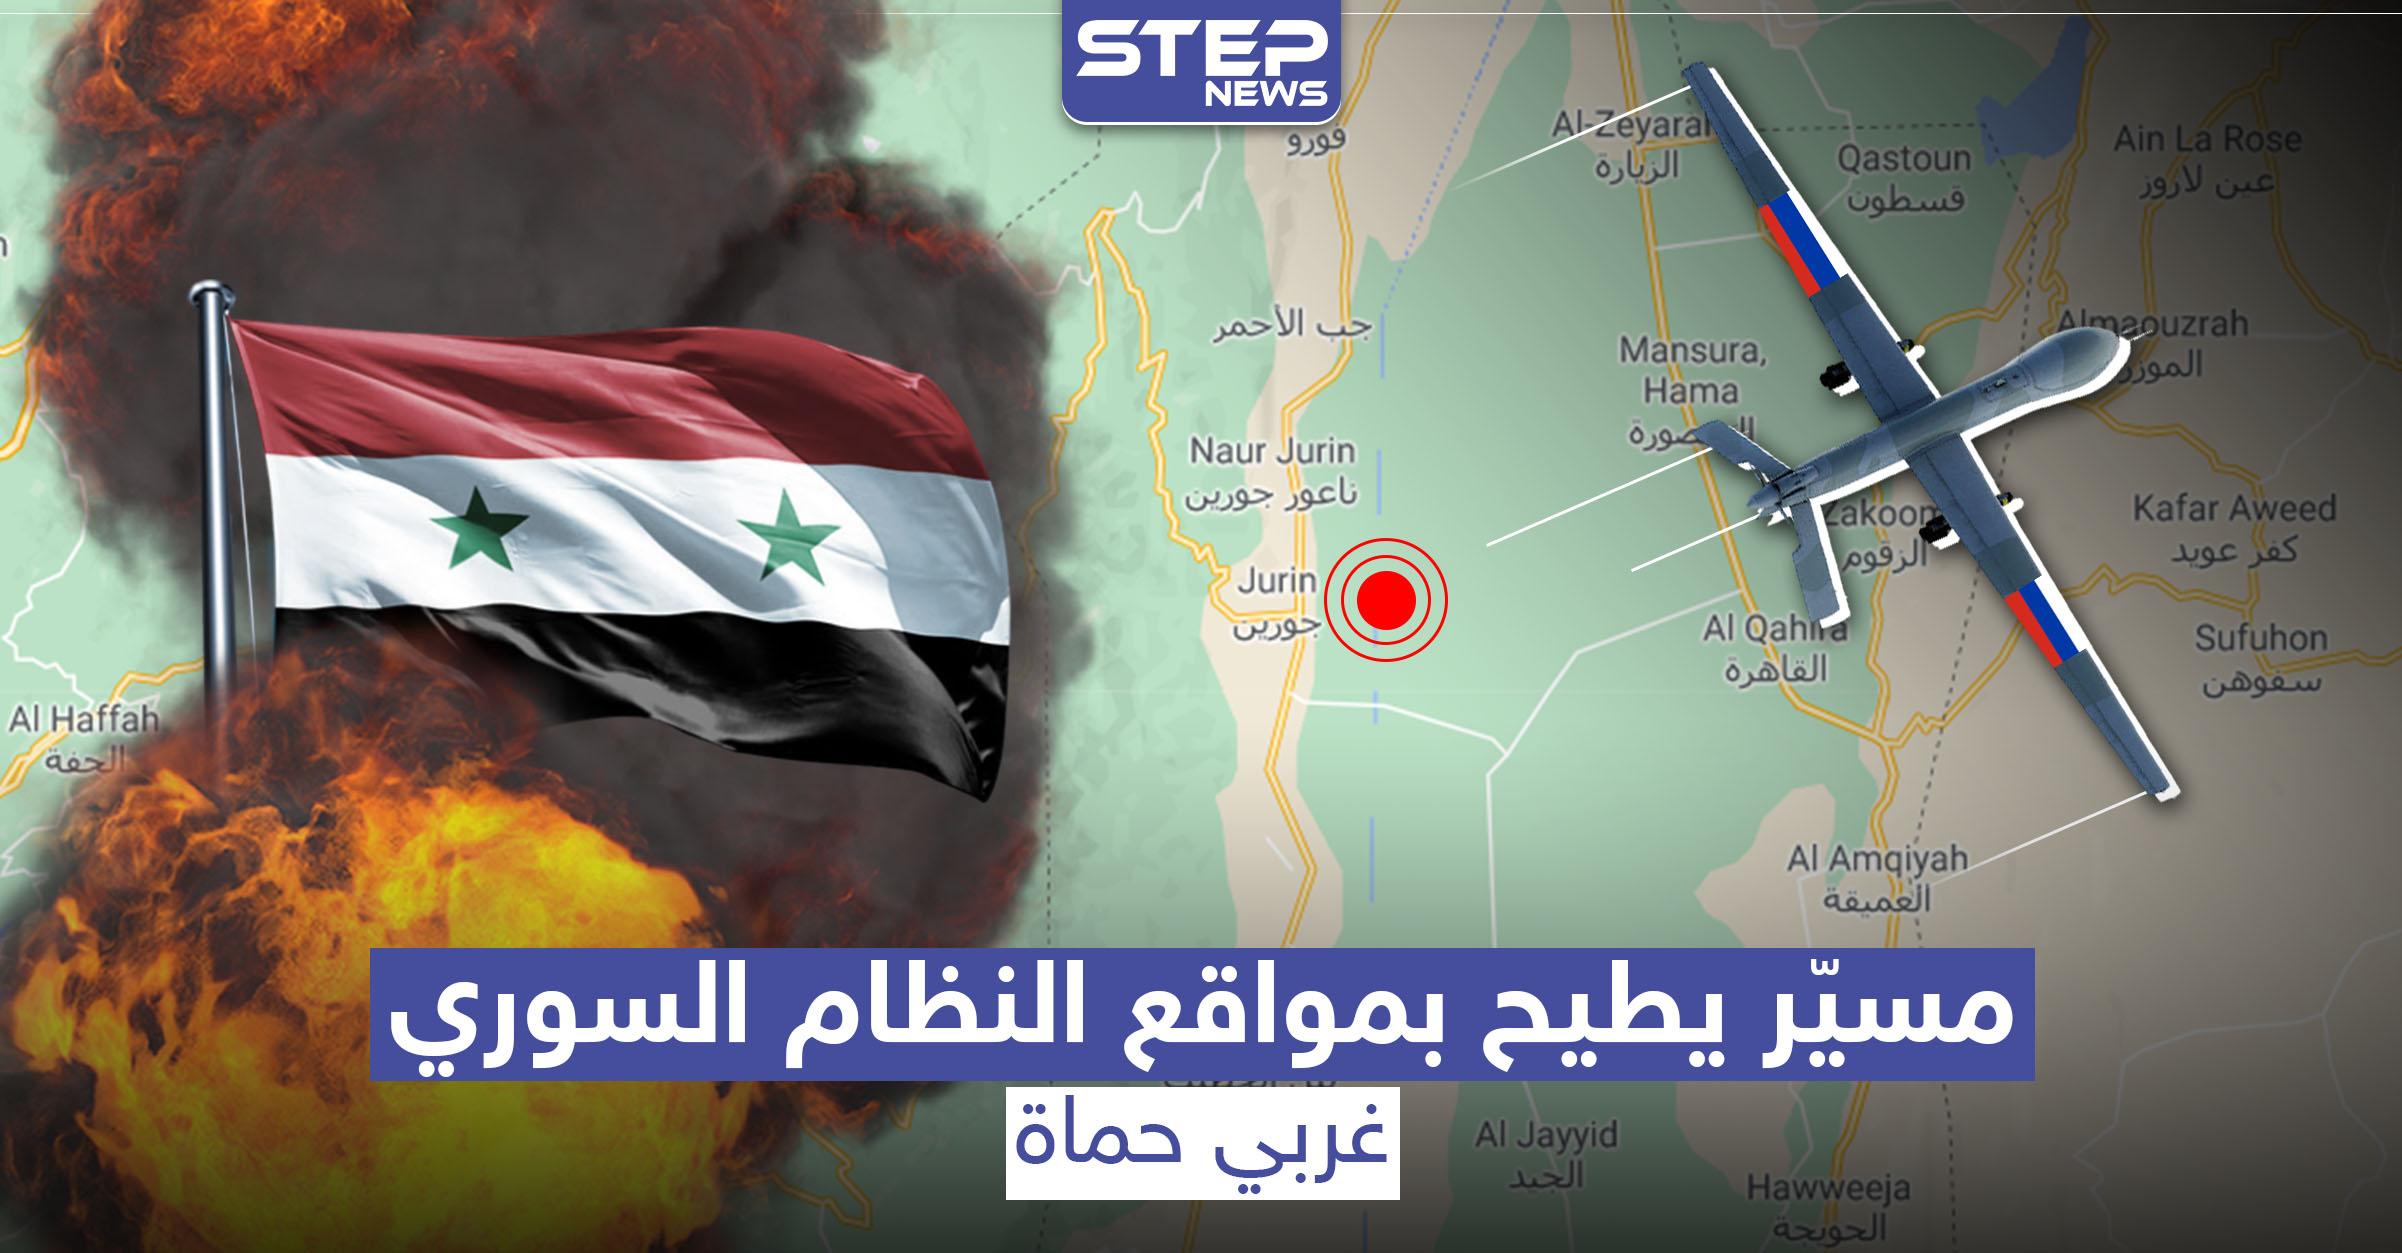 خاص|| طيران مُسيّر يستهدف نقاطًا لقوات النظام السوري قرب معسكر جورين.. والخسائر بالعشرات!